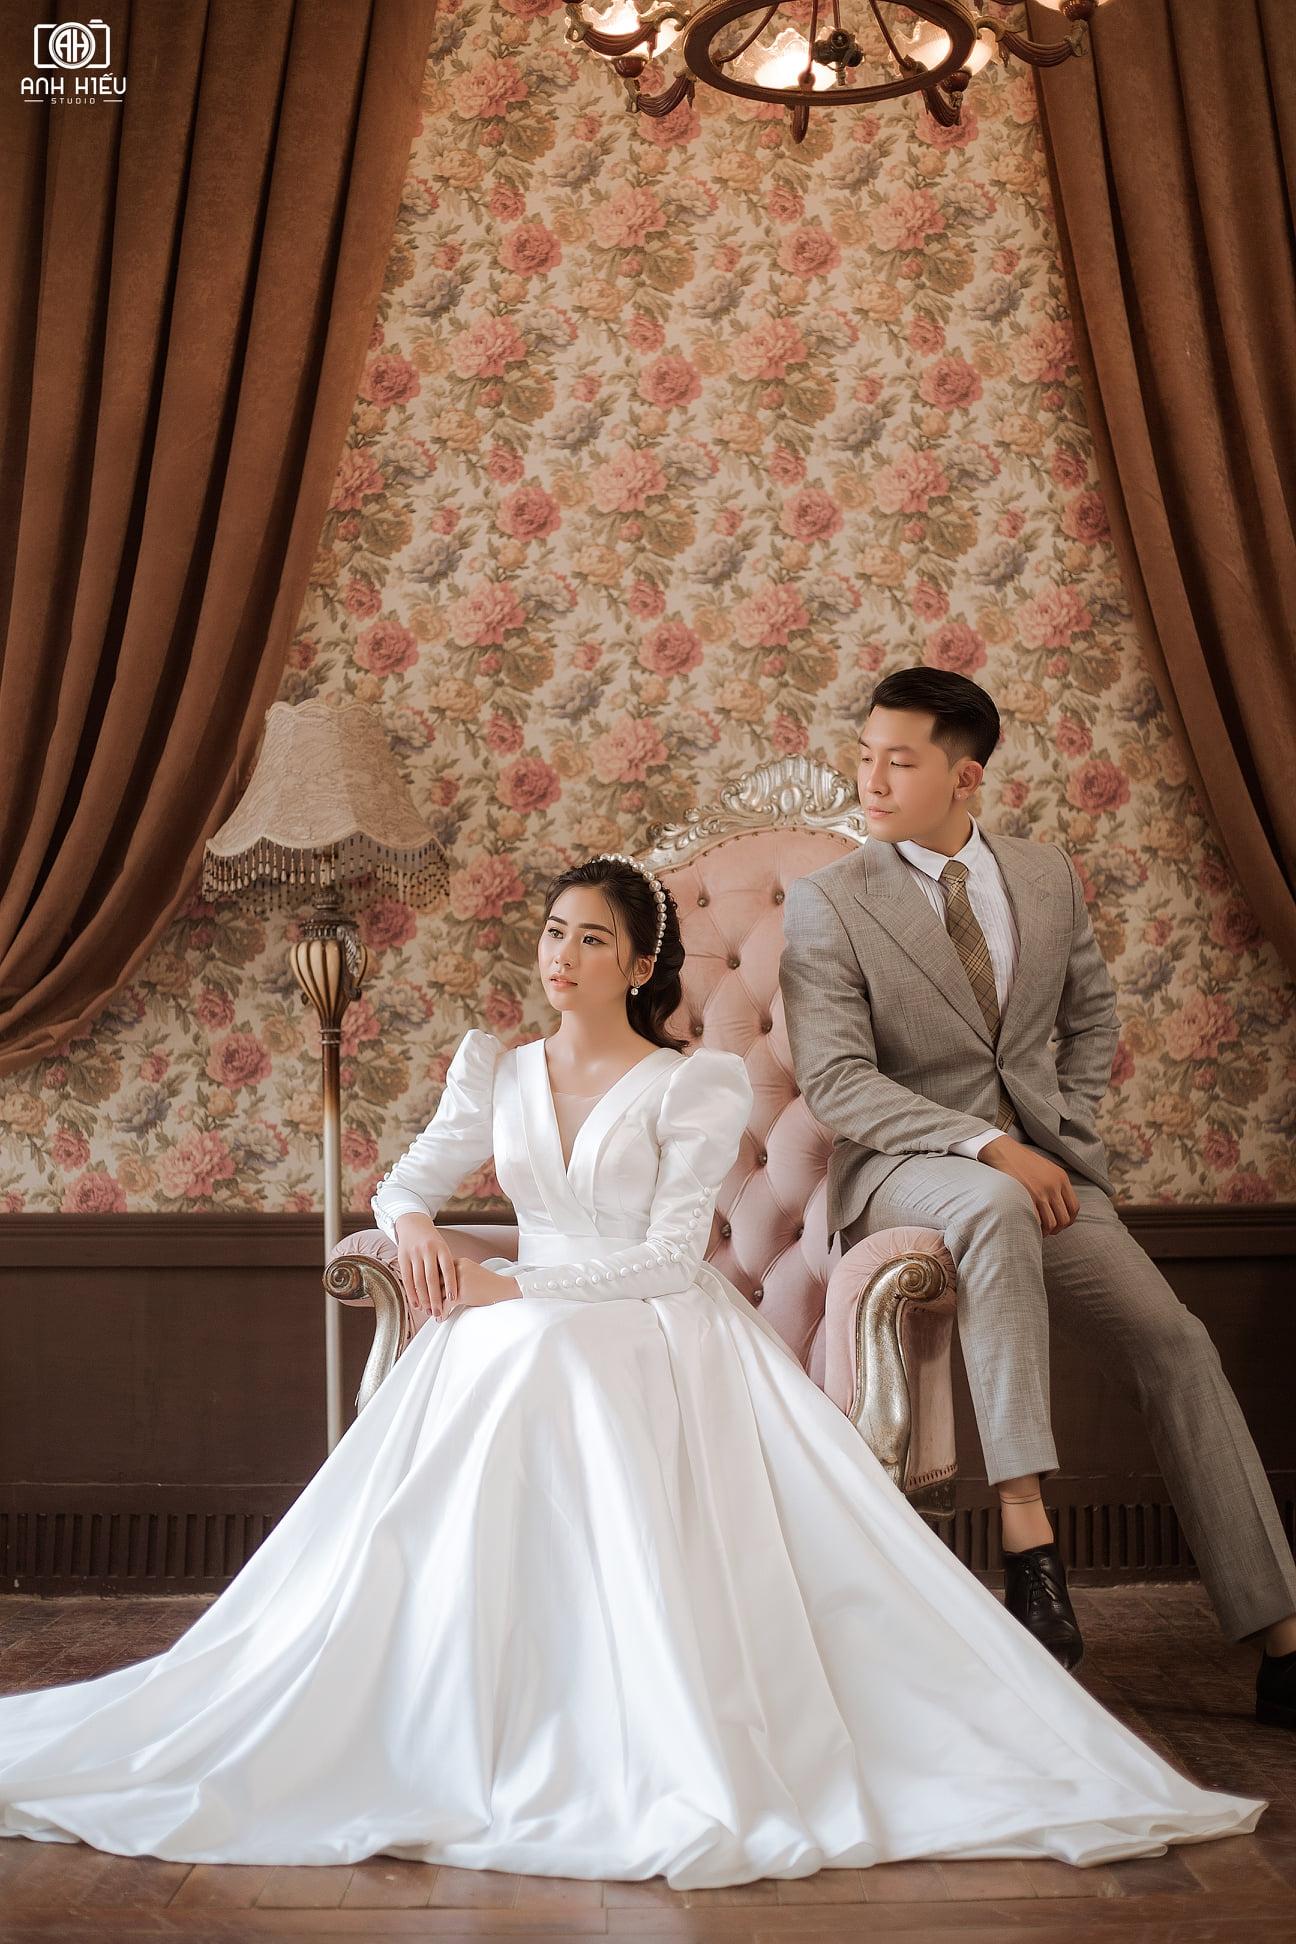 Hinh Cuoi Phim Truong Alibaba (36)